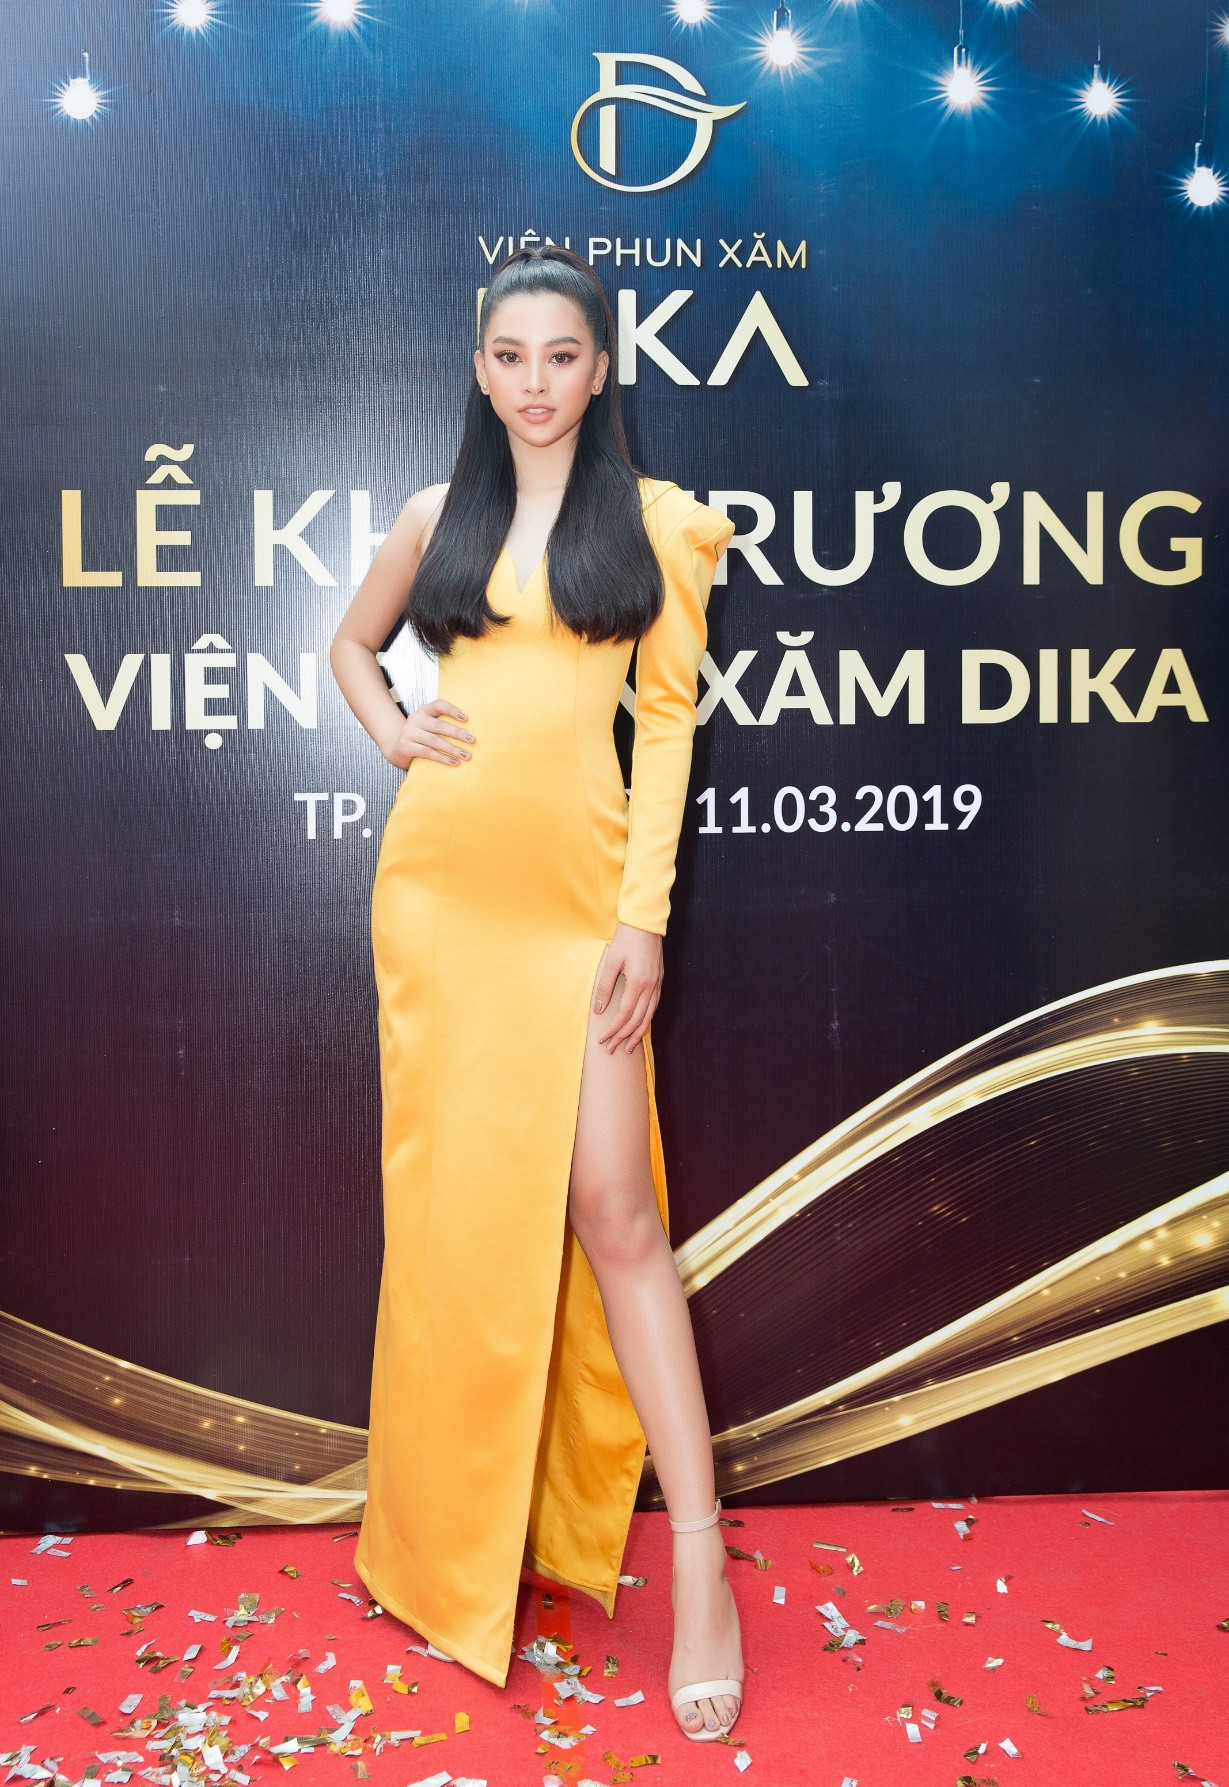 Hoa hậu Tiểu Vy ngời ngời khí chất dự khai trương viện phun xăm thẩm mỹ - Ảnh 4.